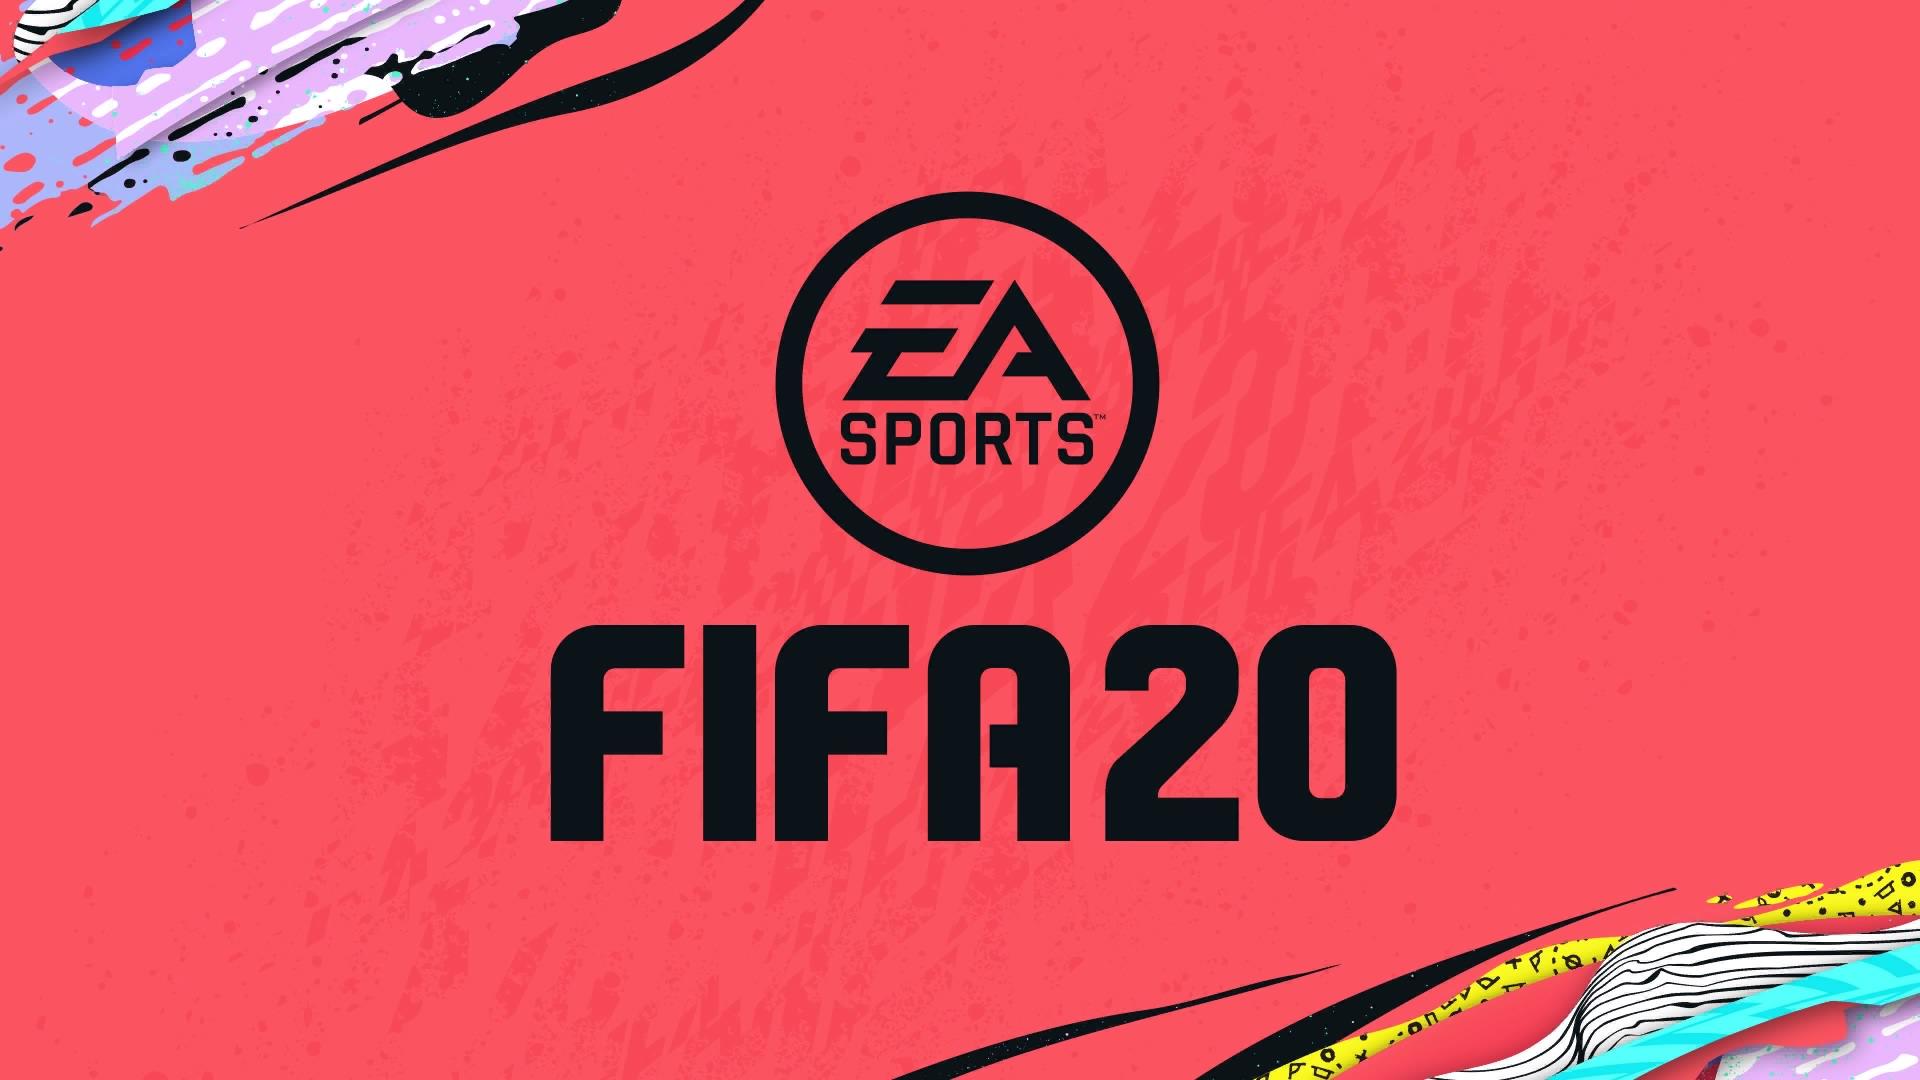 Nie, to się nie dzieje naprawdę - FIFA 20 dostępna za bezcen na PS4! 20